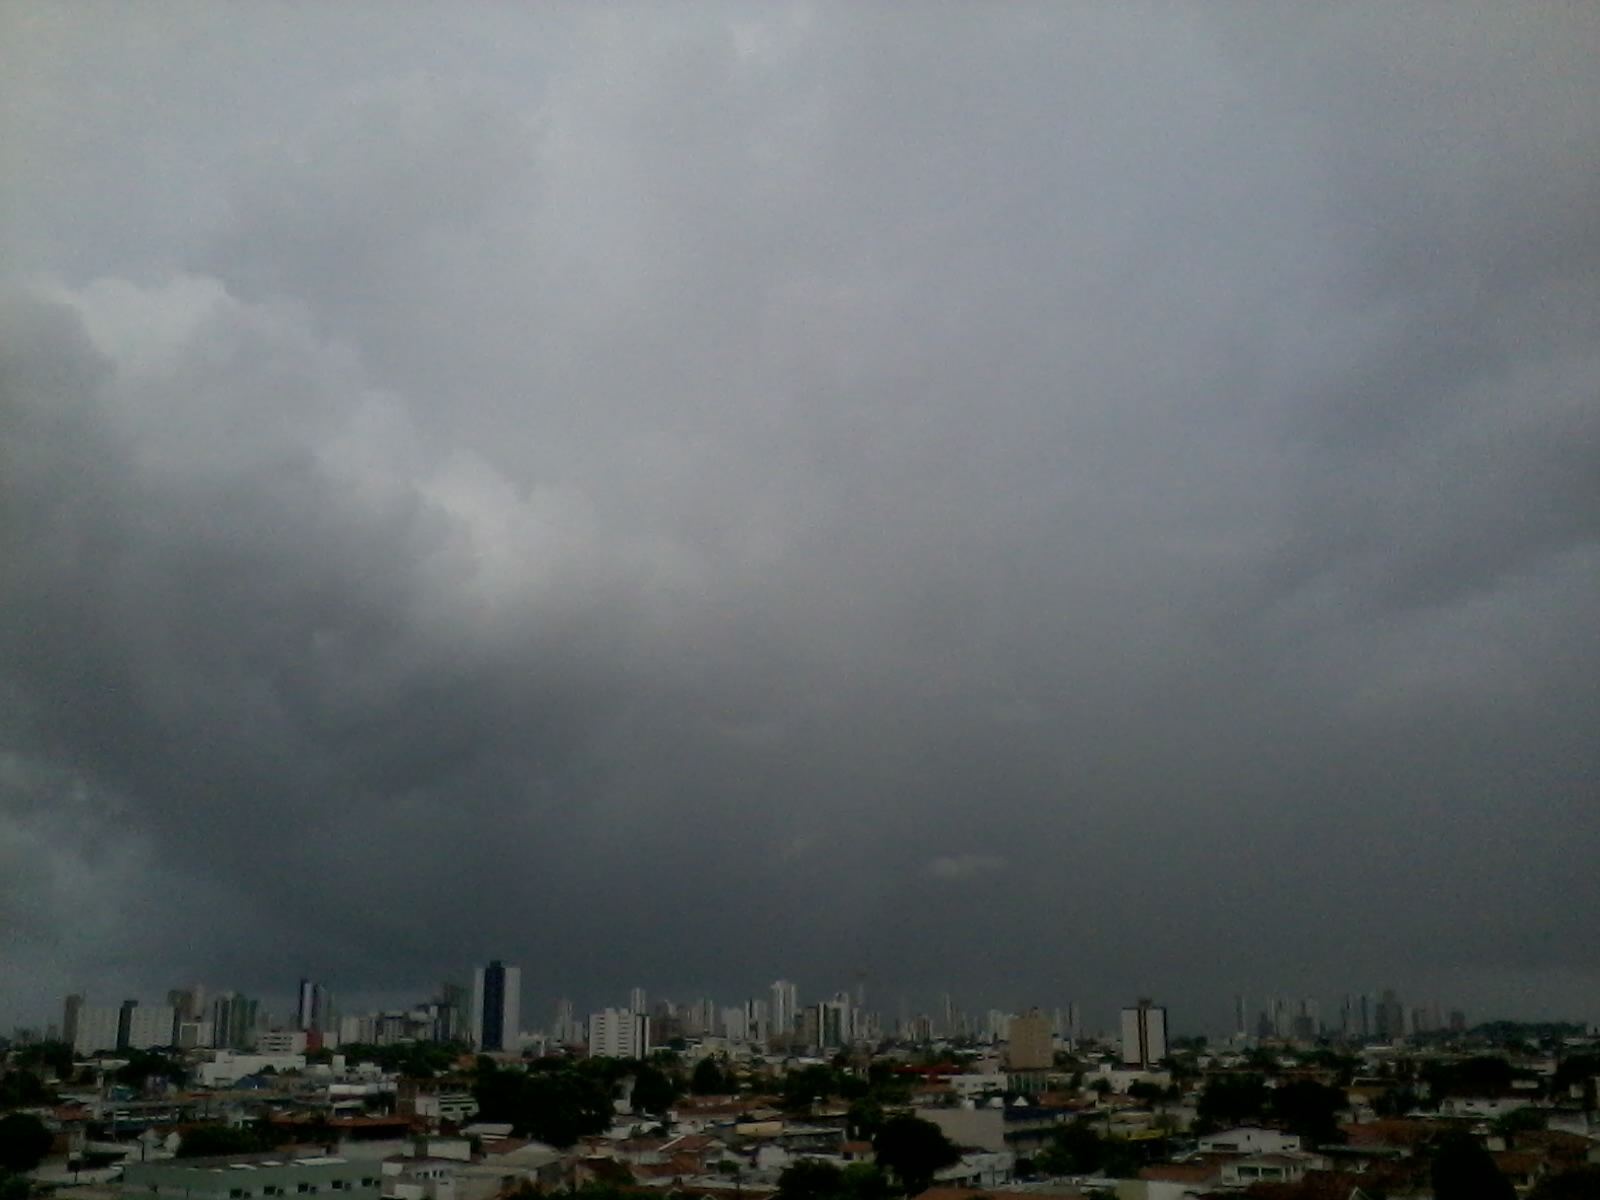 Semana começa chuvosa em pelo menos 12 cidades da PB - Portal Correio